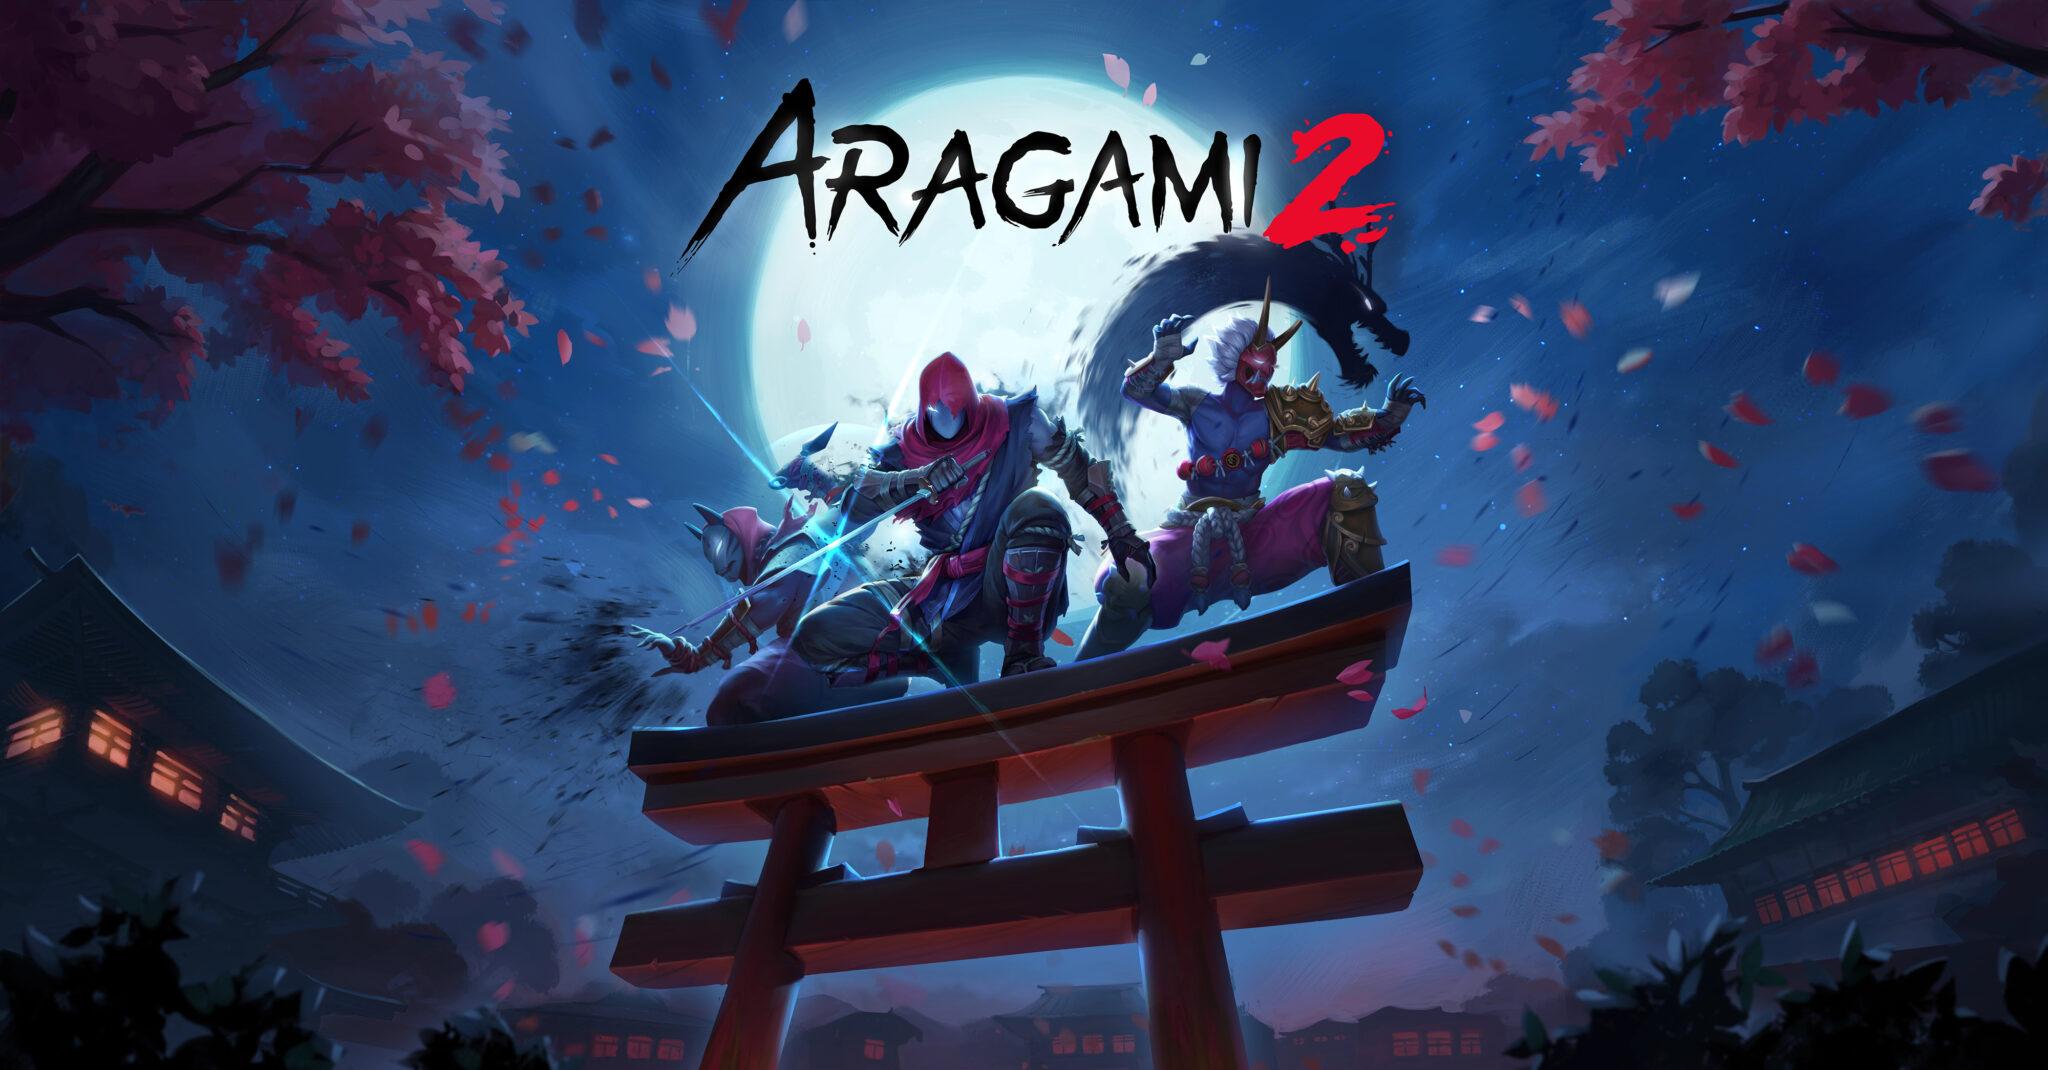 Aragami 2 sortie